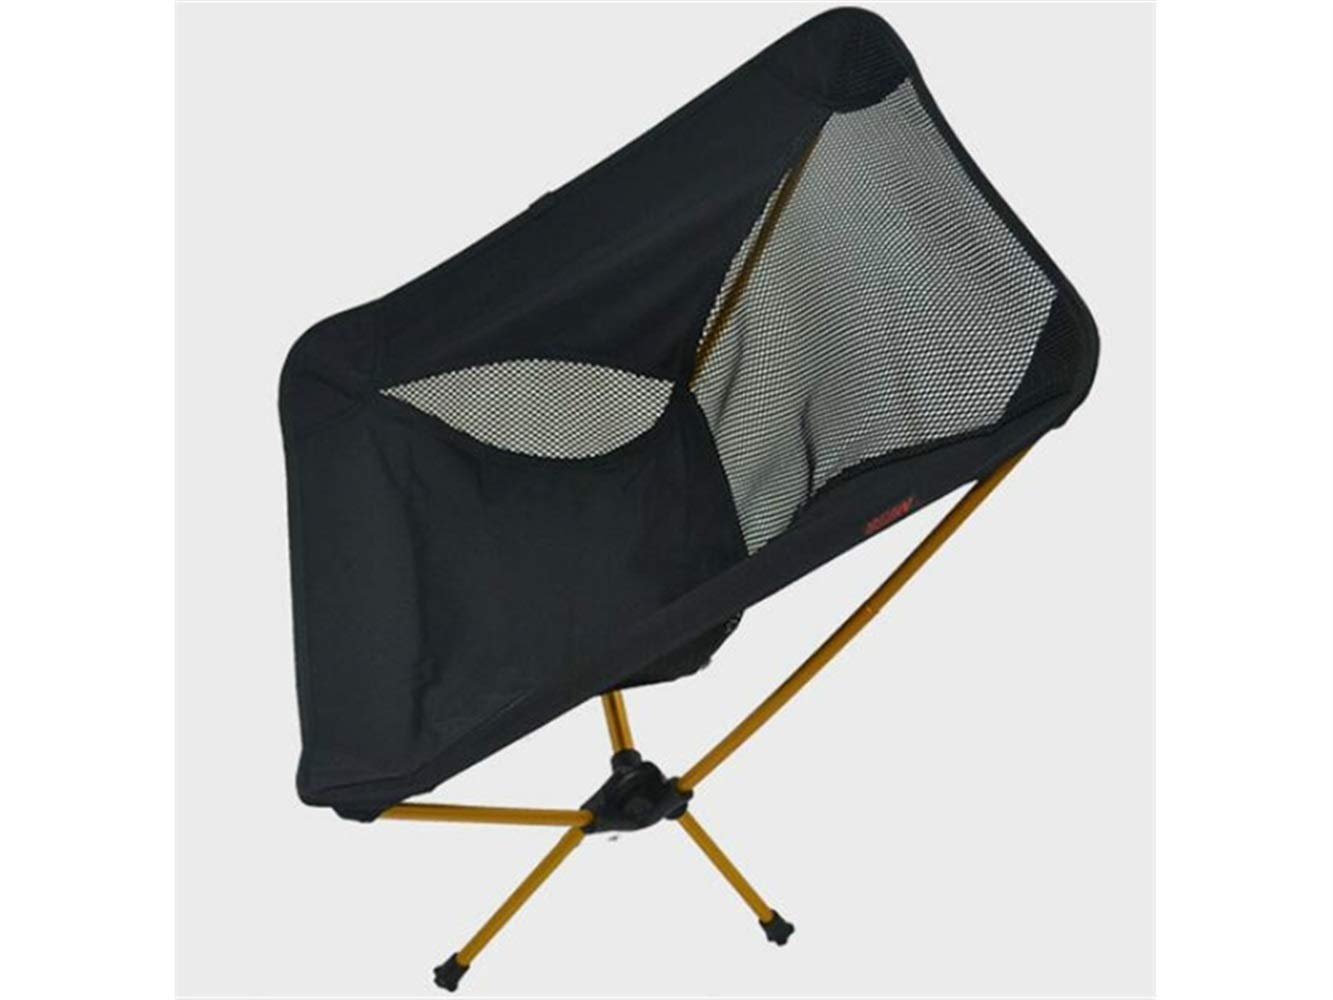 LMKIJN Bequemer Stuhl Tragbare Klapp Angeln Stuhl Liege Camping Stuhl für Outdoor und Angeln (schwarz) für den Urlaub